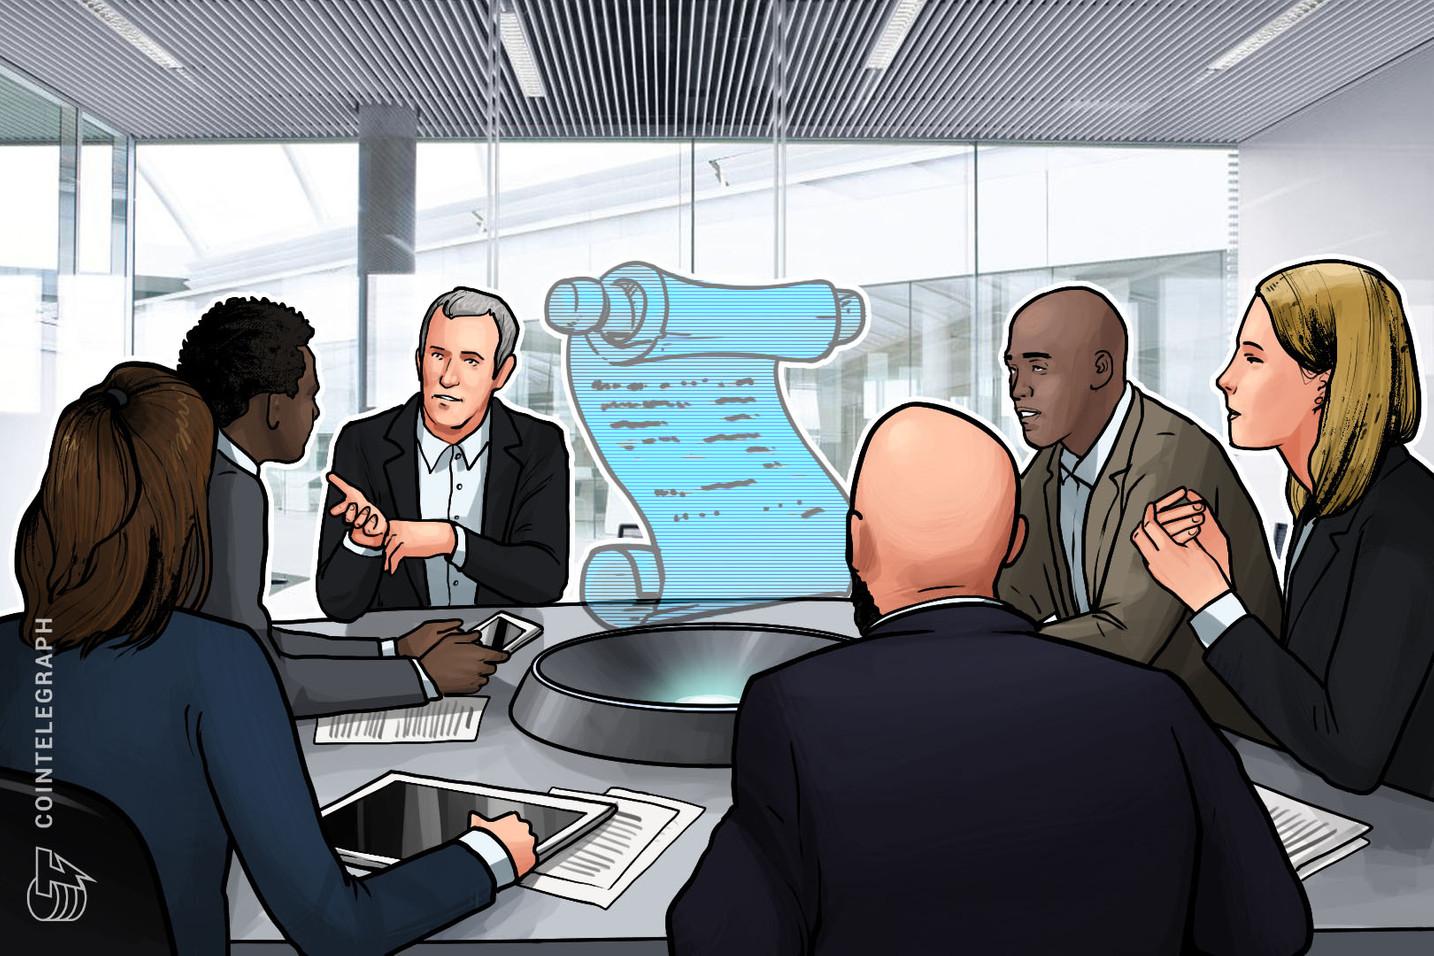 Neuer Schweizer Blockchain-Verein: Onlinebroker, Softwareunternehmen und Anwaltskanzlei tun sich zusammen